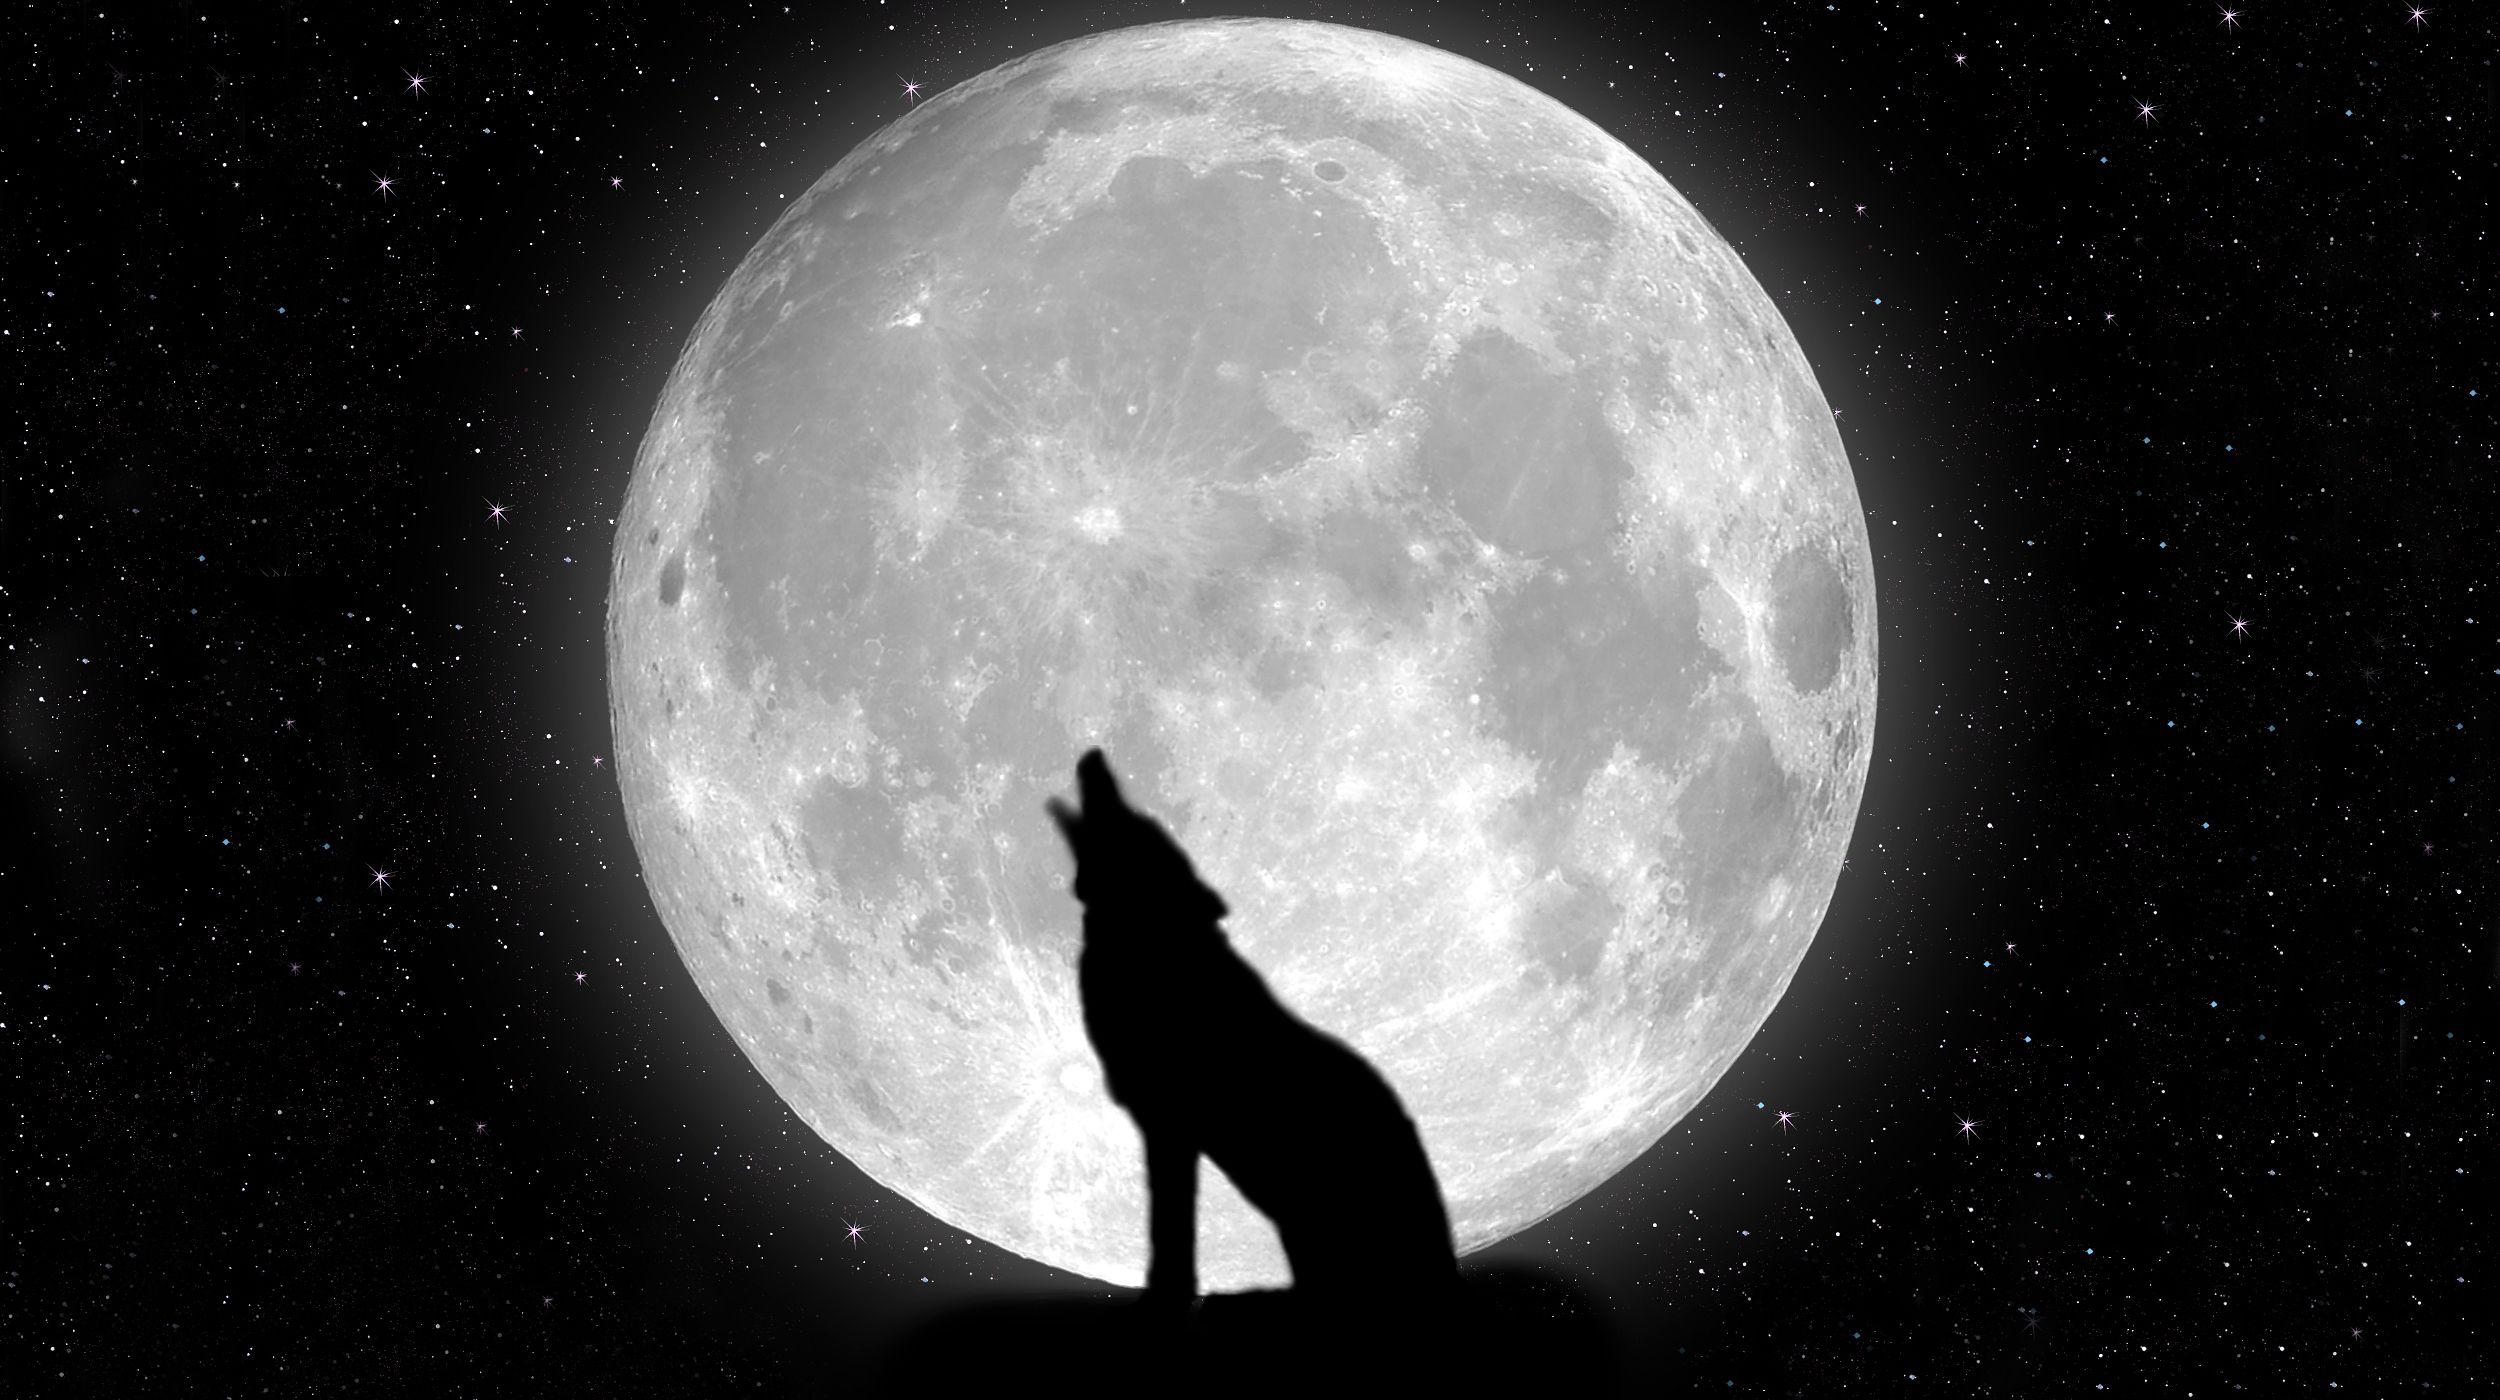 moon night stars wolf hd wallpaper | download wallpaper